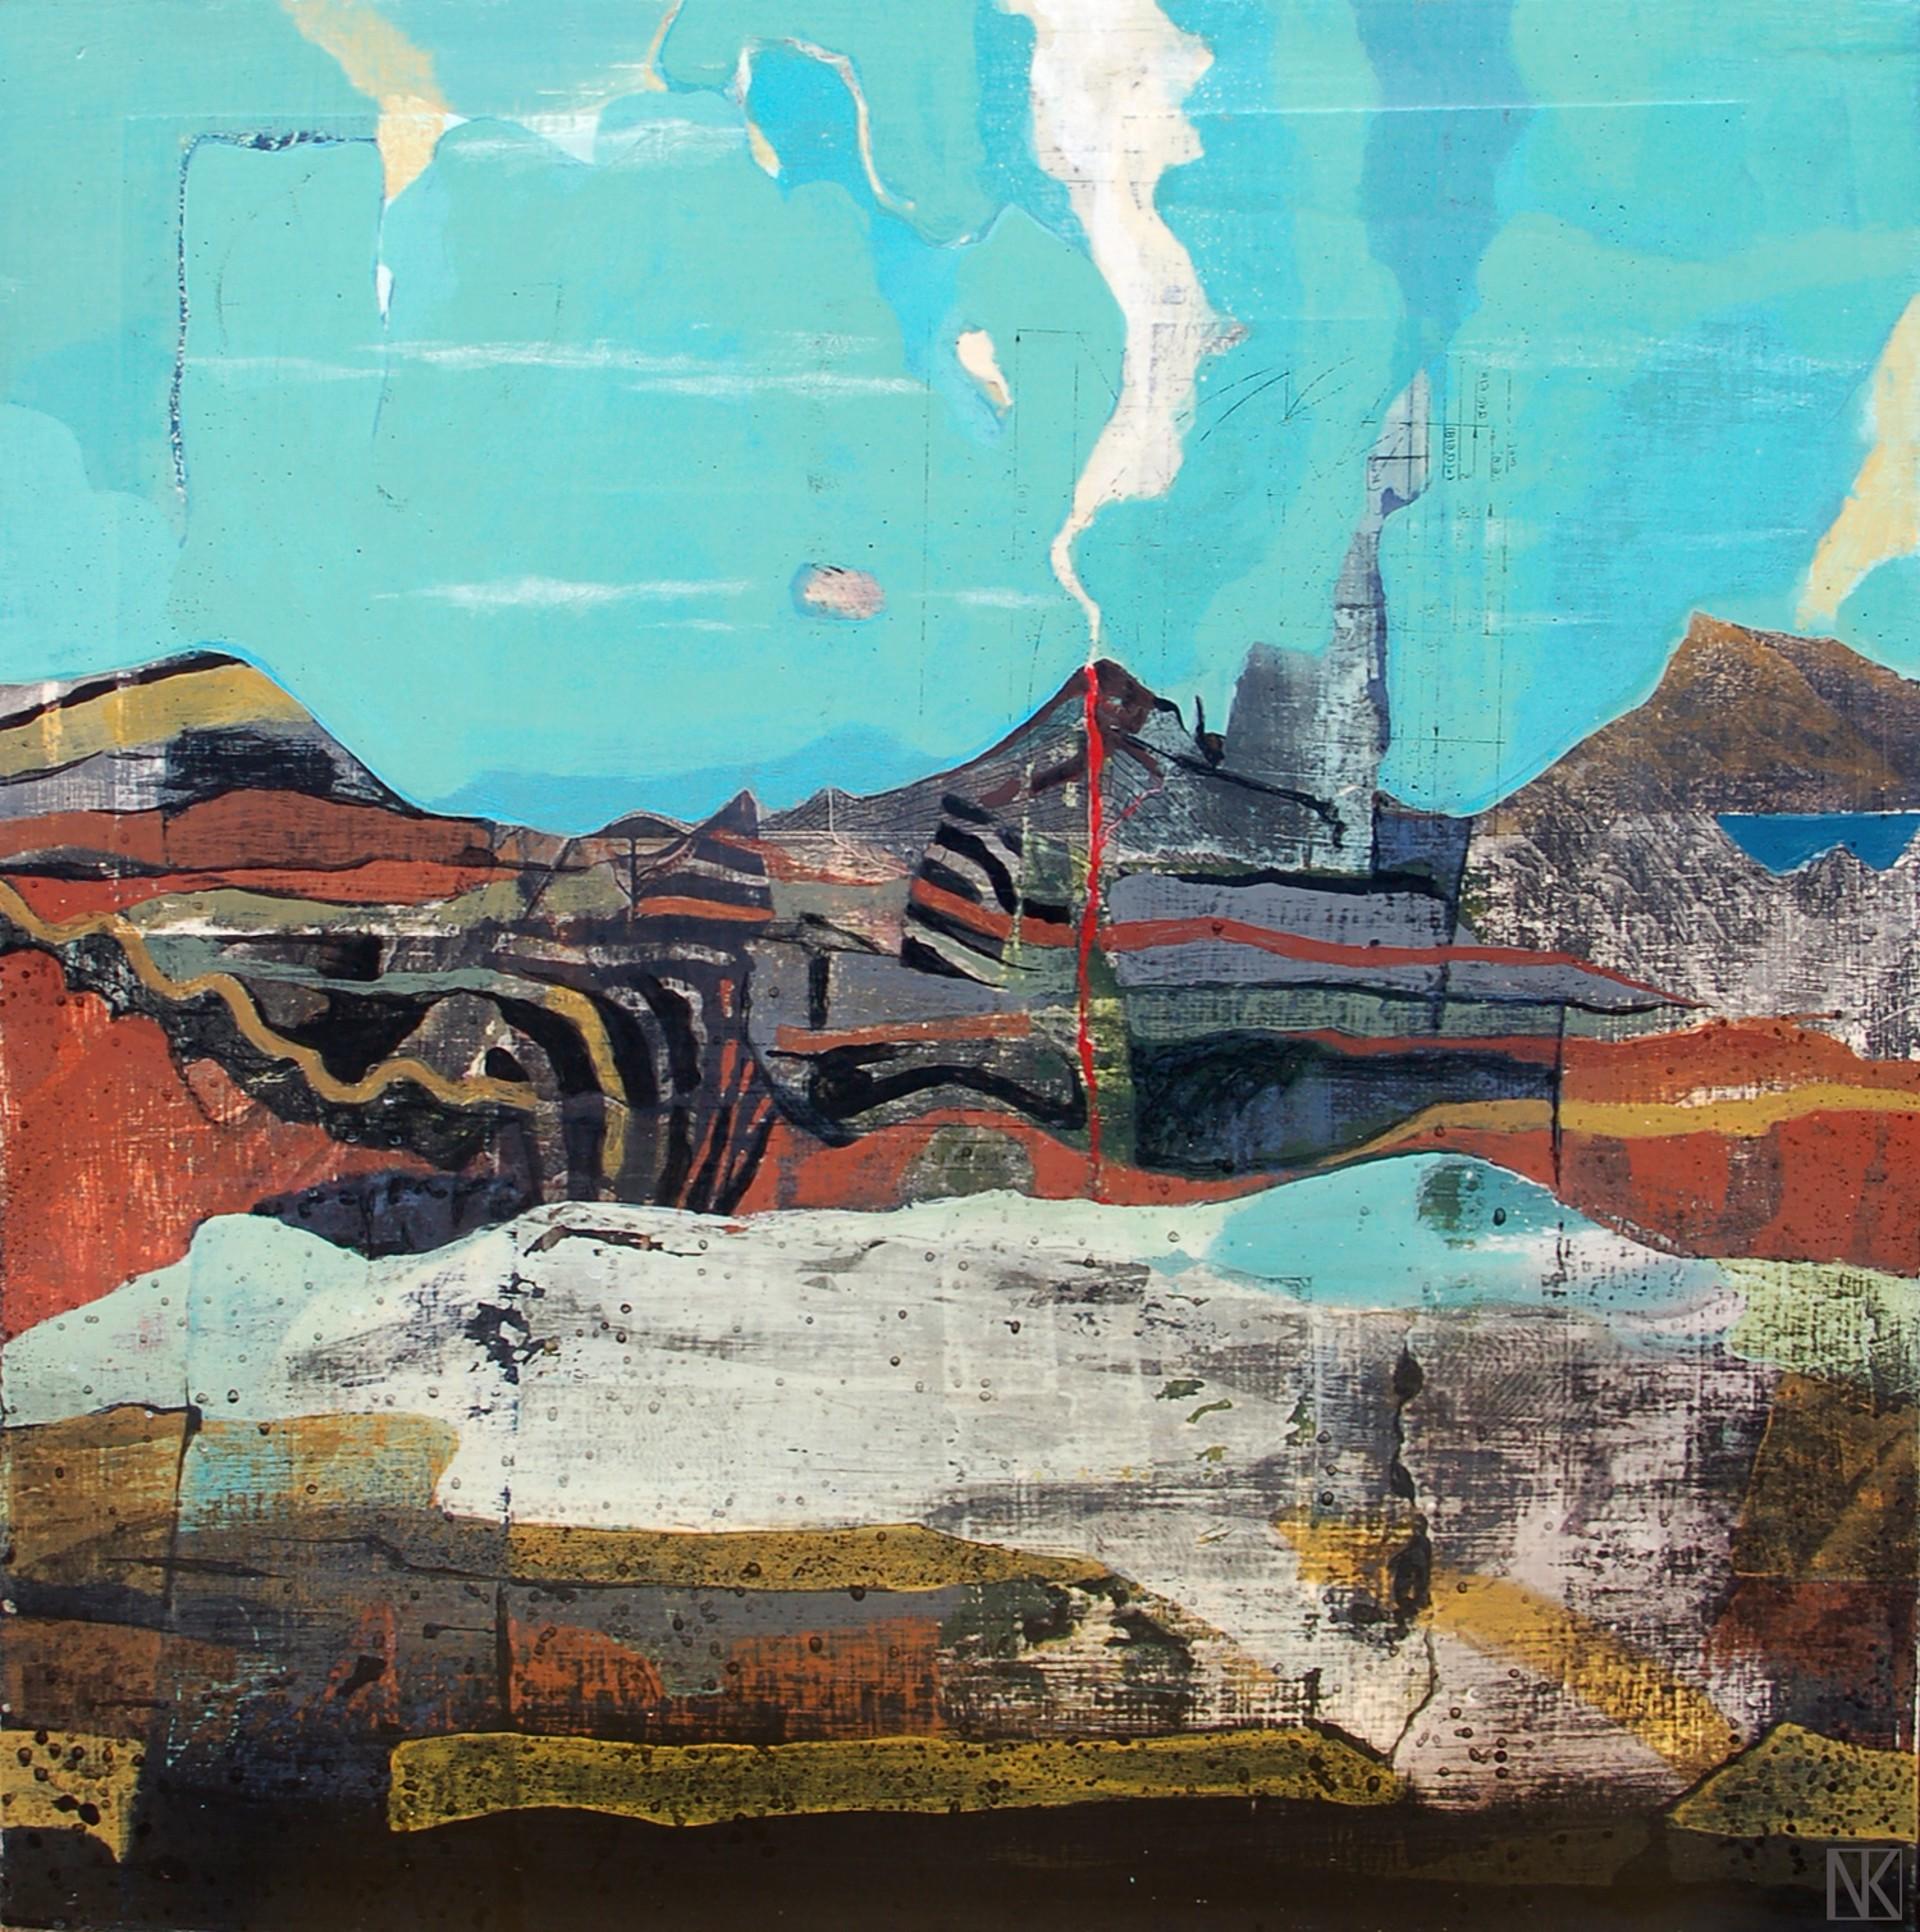 Introduction Zone - Amalgam by Nick Keefer